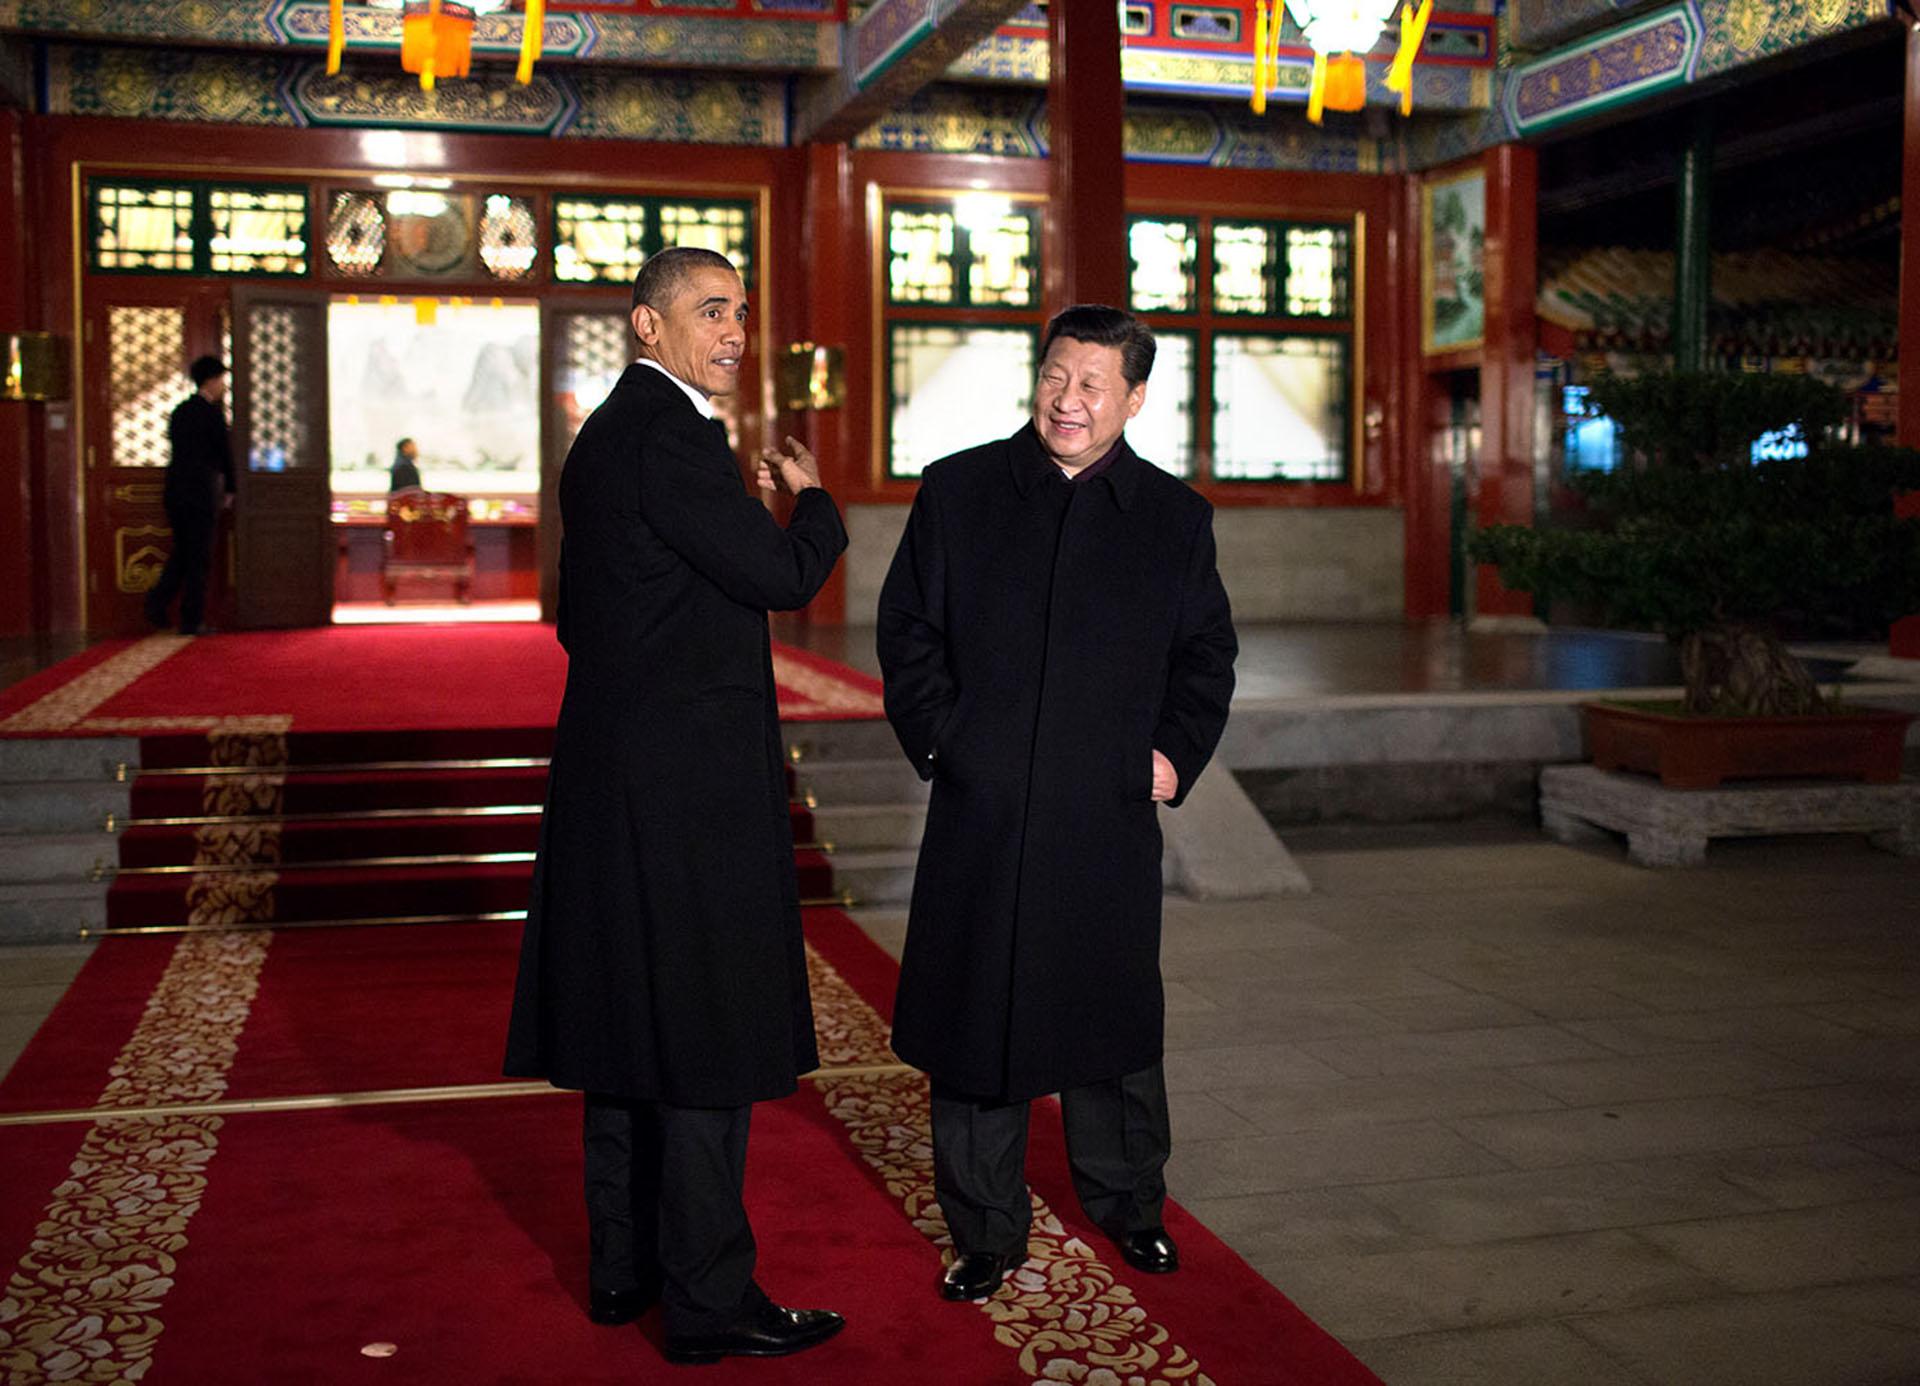 Los presidentes Obama y Xi Jinping de China anunciaron nuevos e históricos objetivos para la reducción de las emisiones de gases de efecto invernadero durante el viaje de noviembre de 2014 a Pekín. Ambos líderes fueron instrumentales en lograr el acuerdo de París de 2015 en el que 200 países se comprometieron a limitar los impactos dañinos del cambio climático.